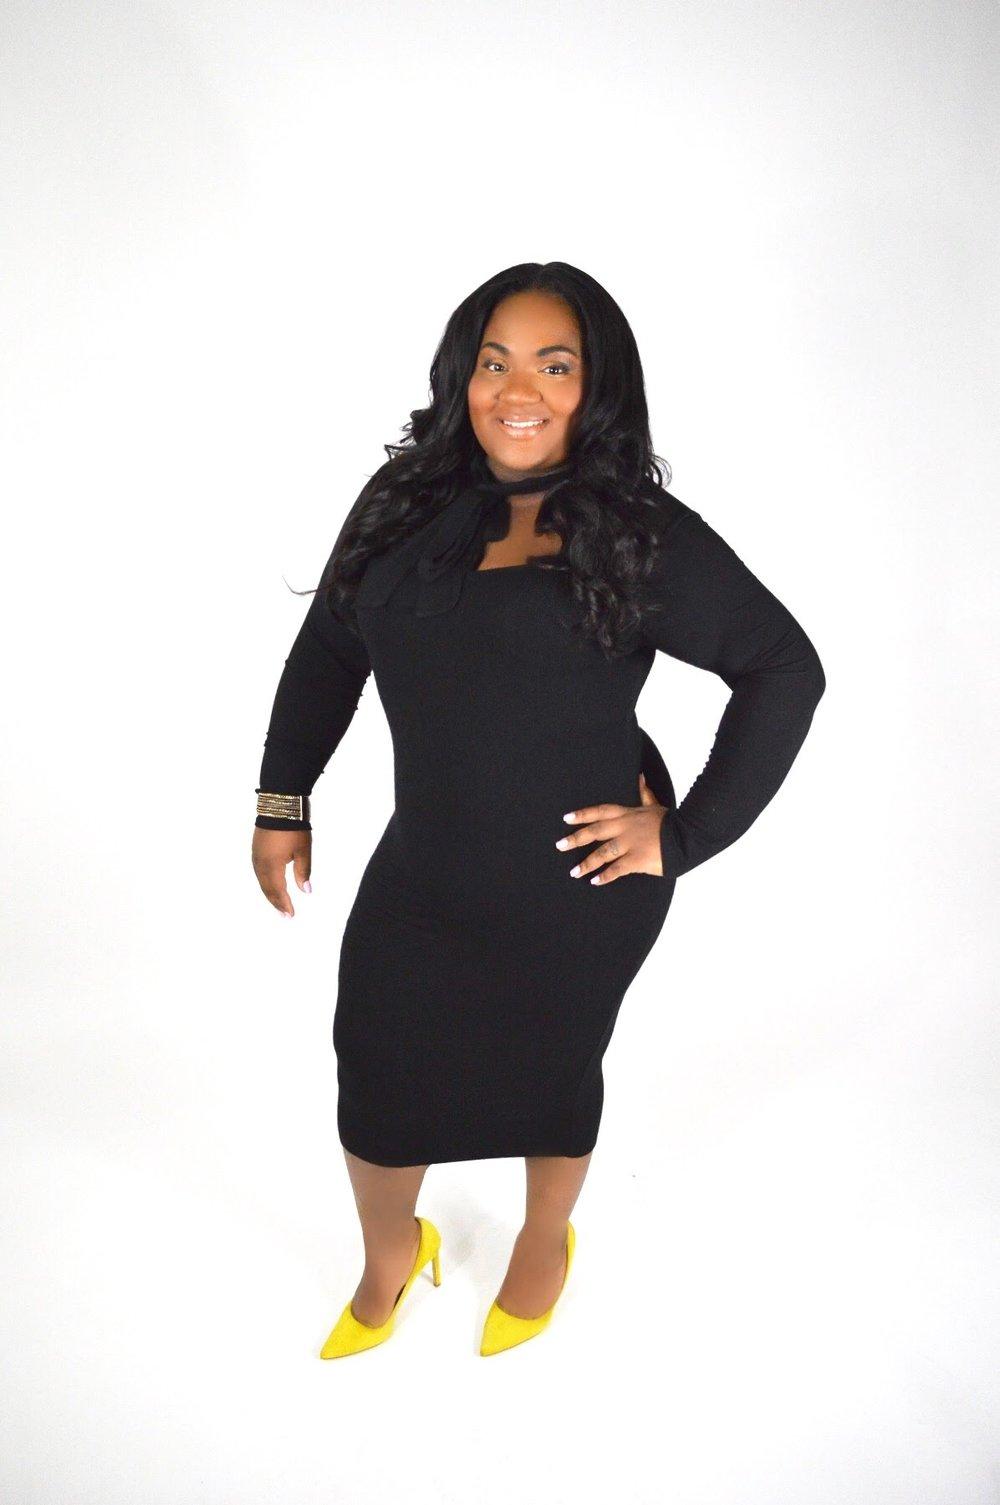 Raven Kay